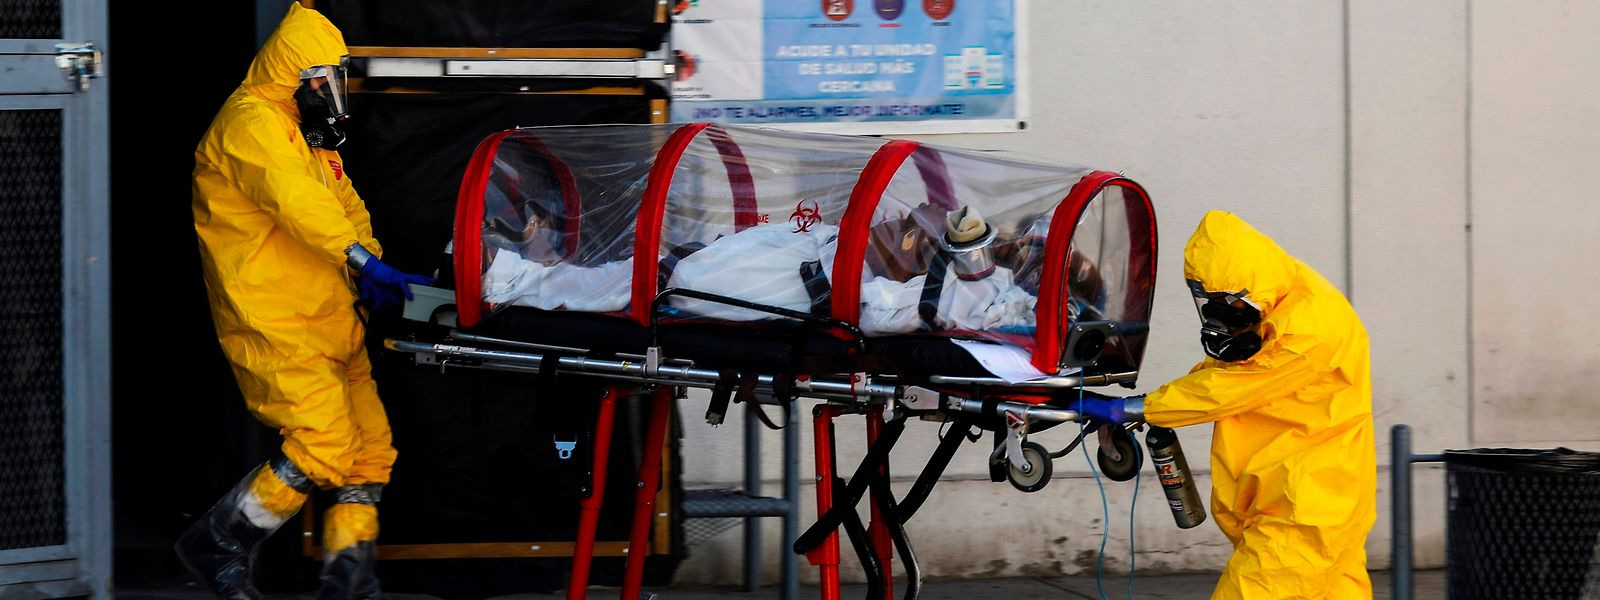 Le coronavirus pourrait devenir endémique, selon les experts de l'OMS